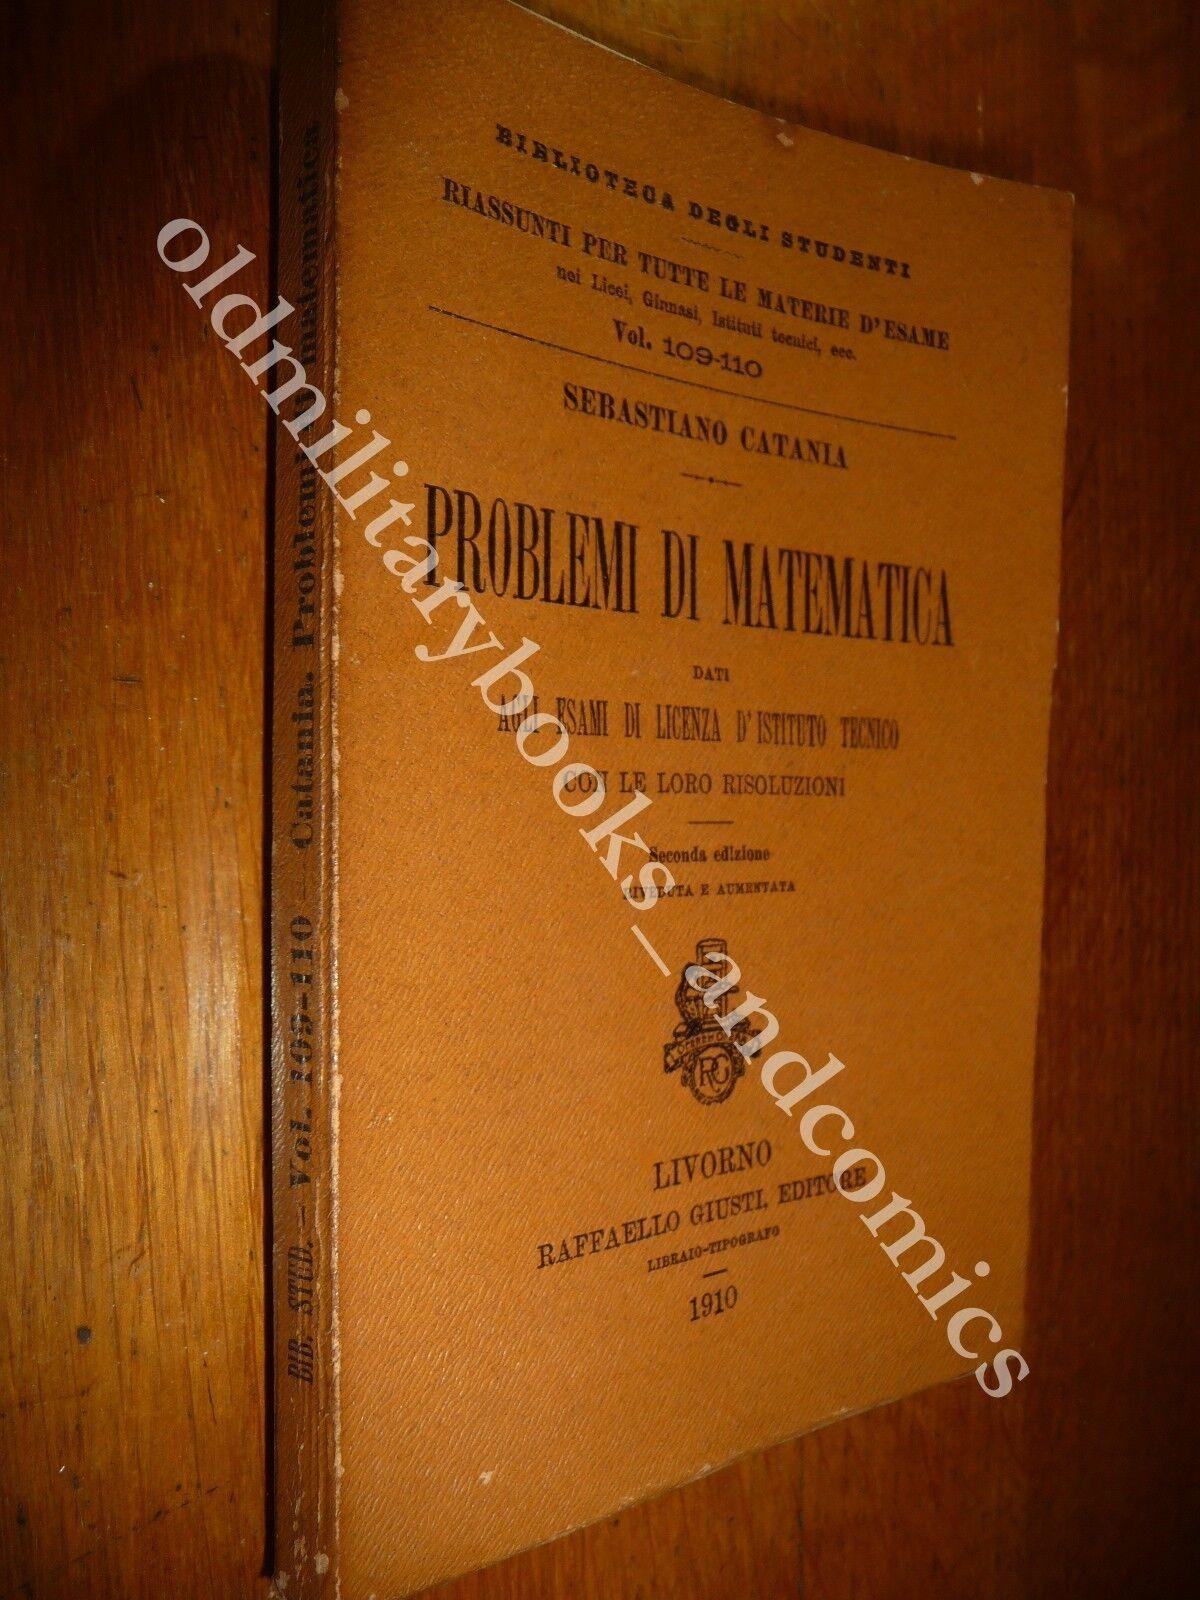 PROBLEMI DI MATEMATICA DATI AGLI ESAMI SEBASTIANO CATANIA 1910 II^ Ed. B. STUDENTI